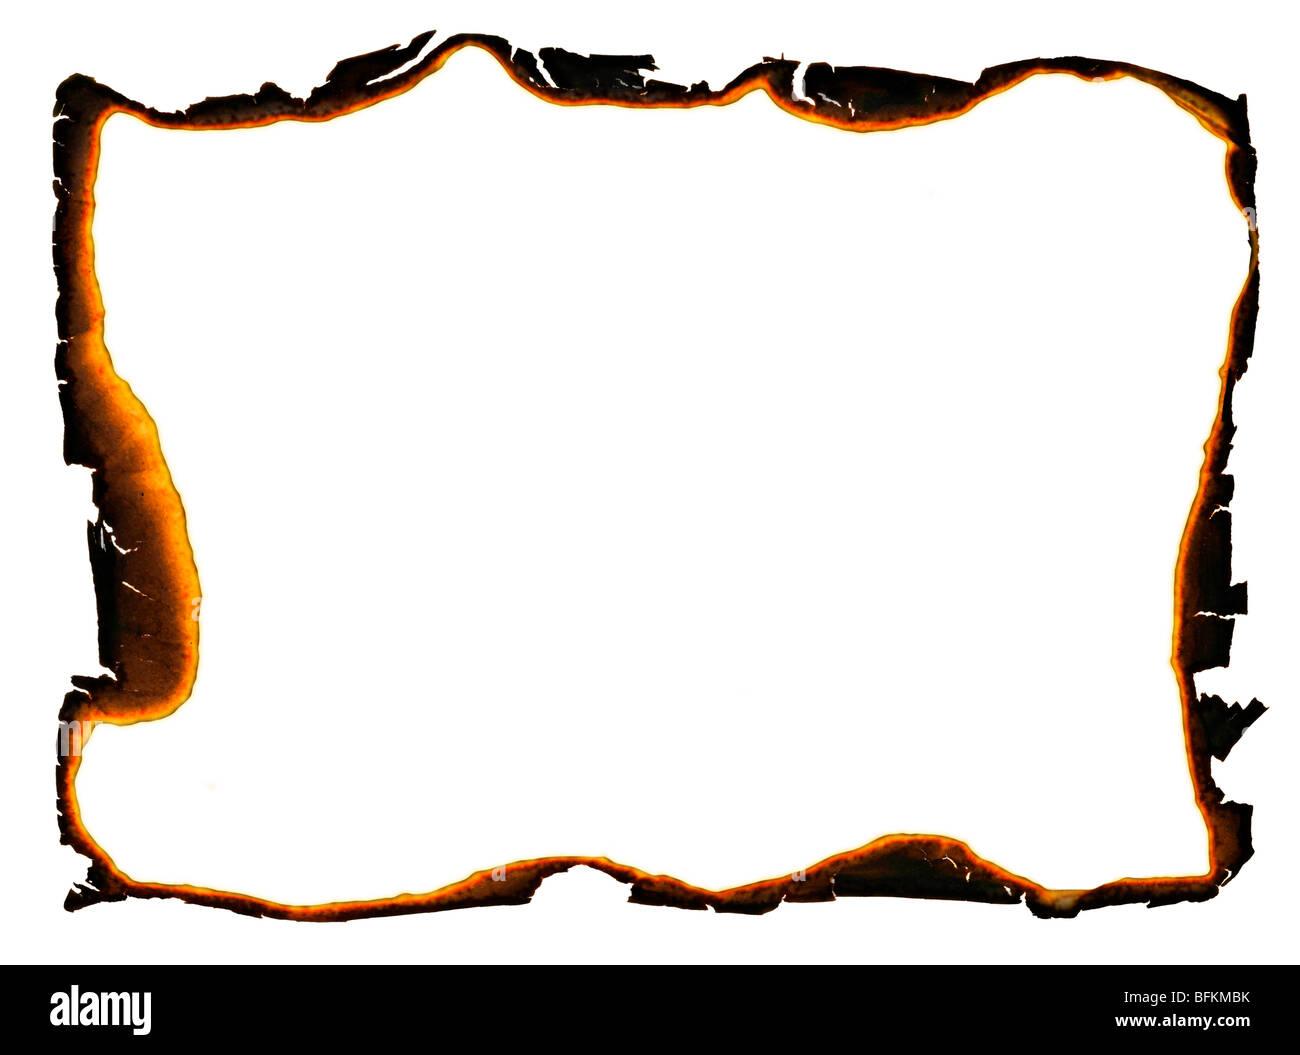 Telaio di grunge con carbonizzati e i bordi frastagliati Immagini Stock